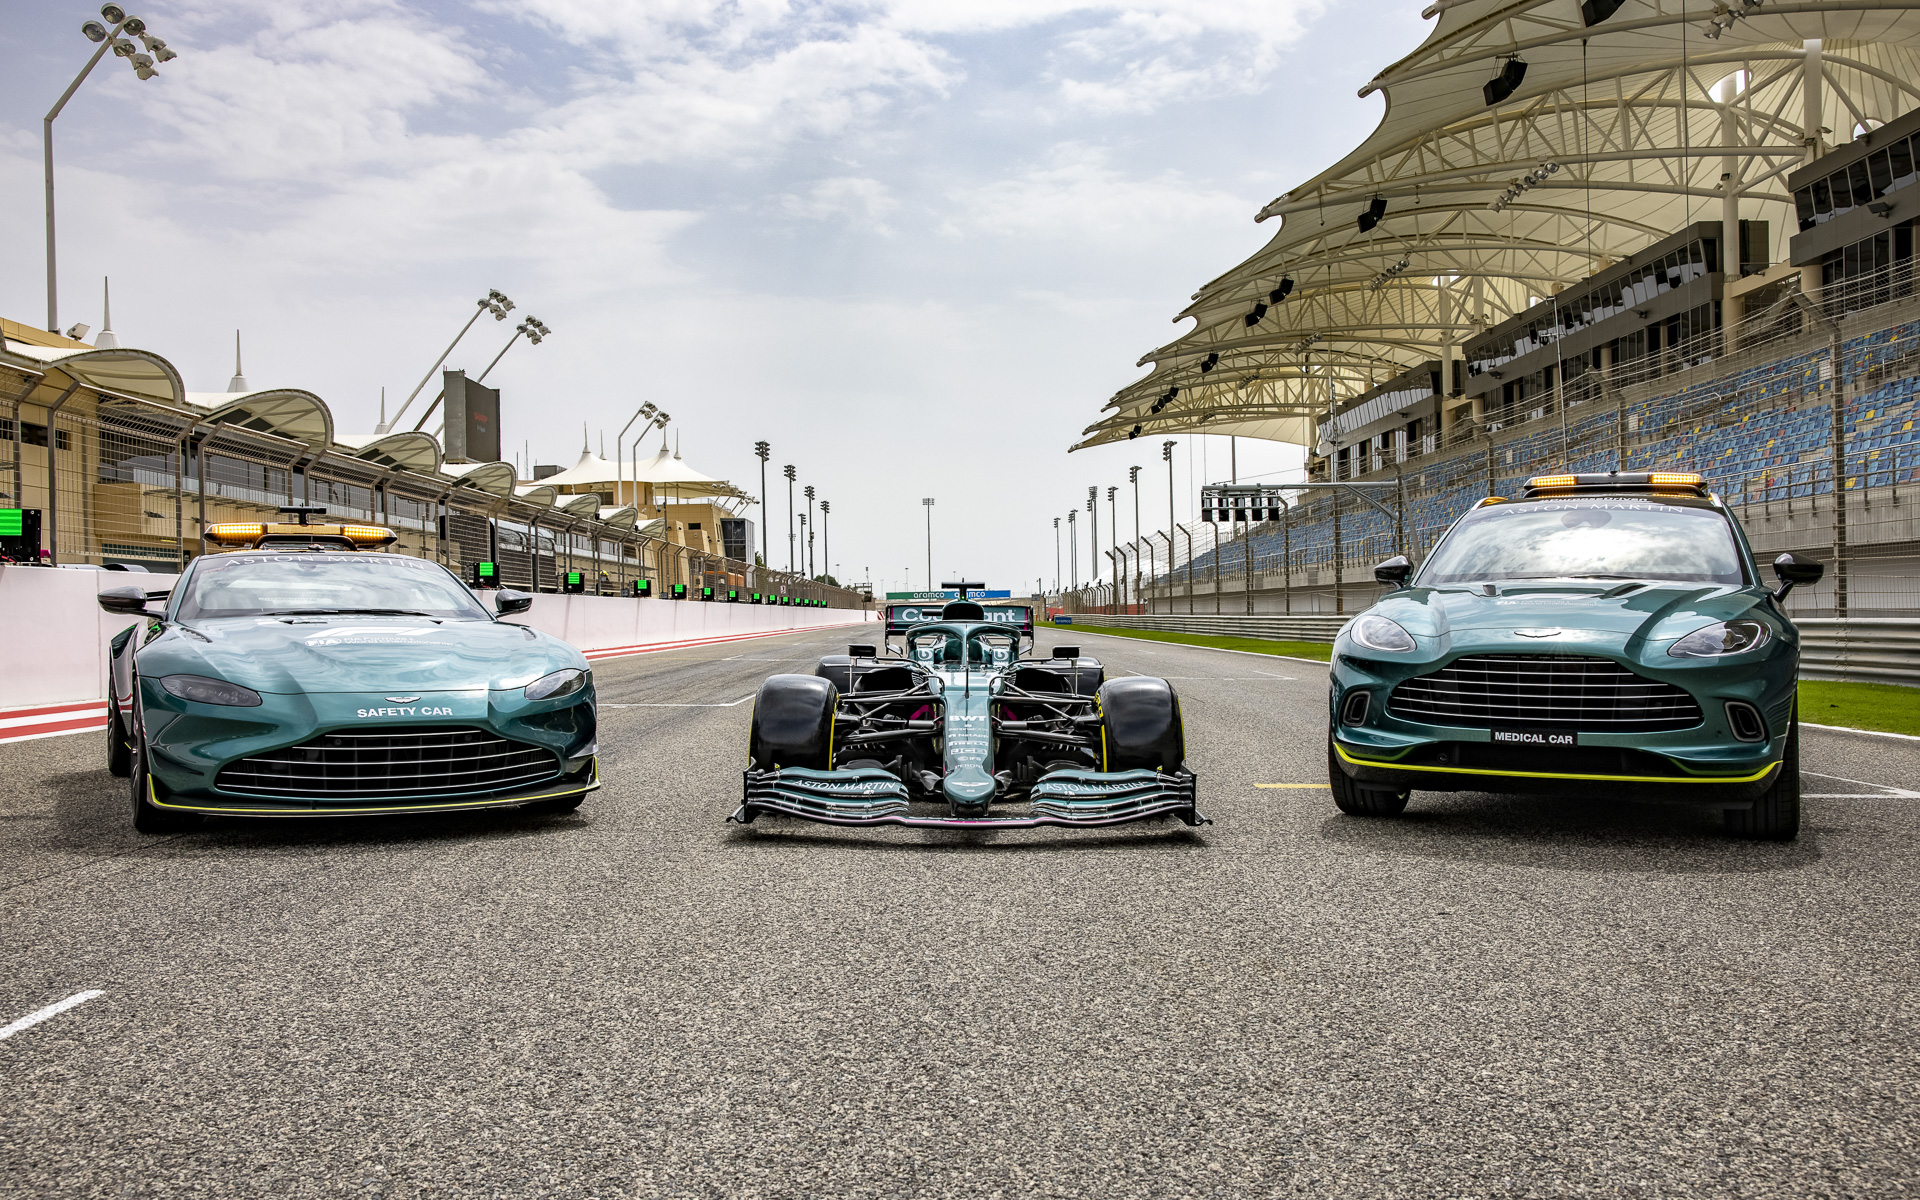 F1カーのAMR21(中)とF1で使用されるセーフティカーのヴァンテージ(左)、メディカルカーのDBX(右)